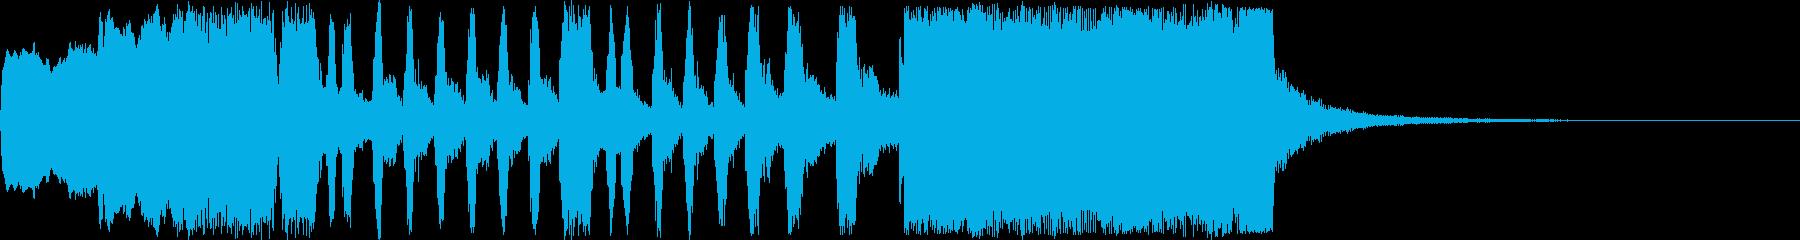 華々しい金管のファンファーレの再生済みの波形